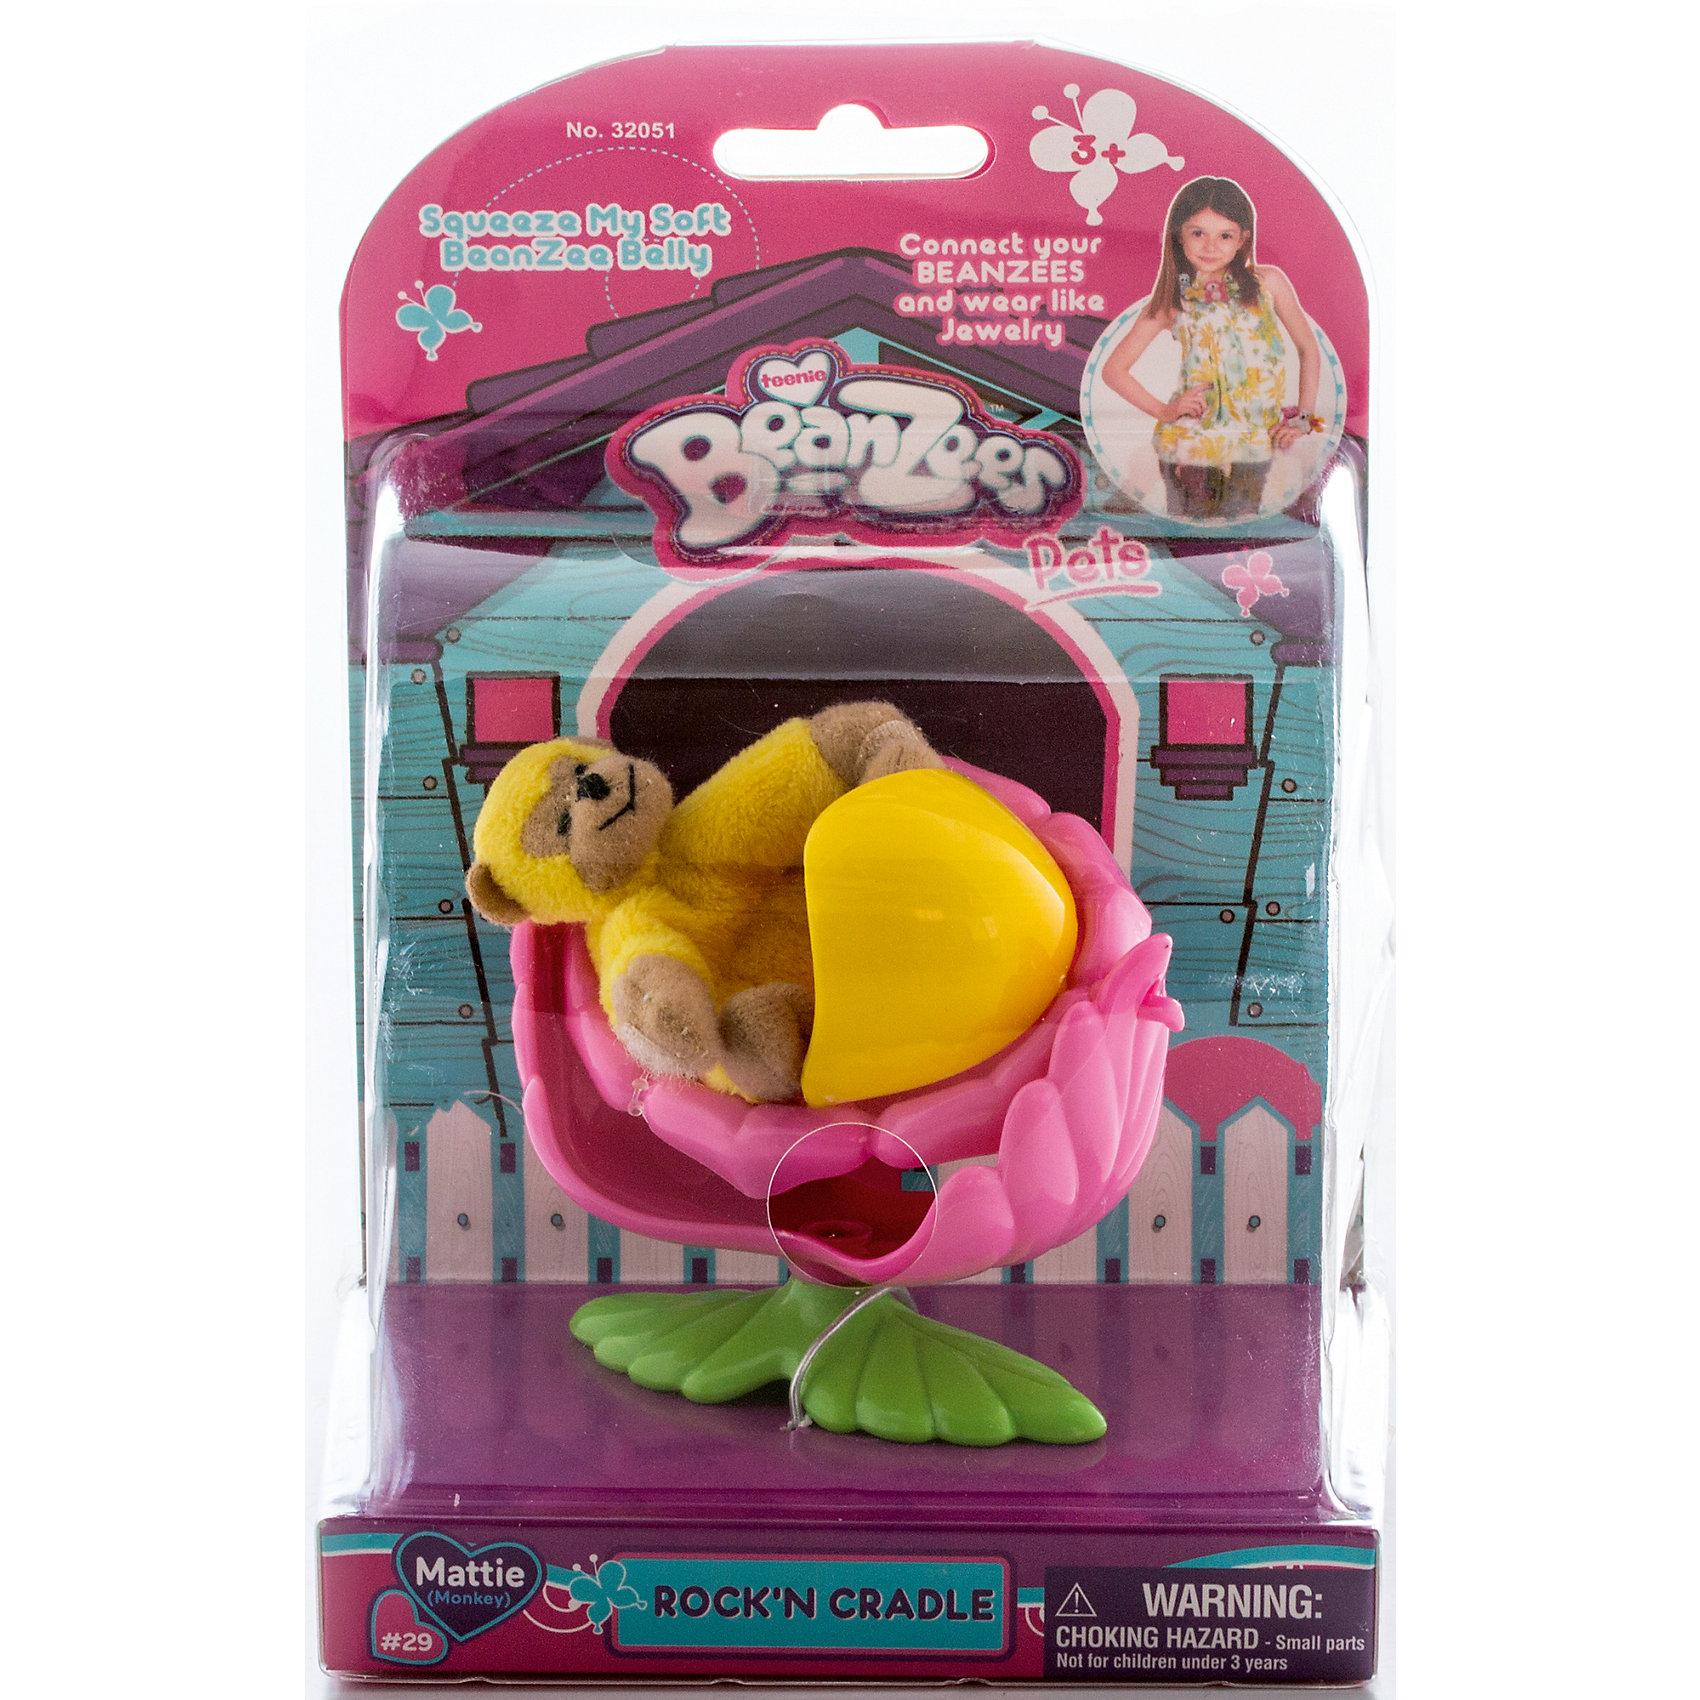 Плюшевый игровой набор Обезьянка в колыбельке, BeanzeezМир животных<br>Характеристики товара:<br><br>- цвет: разноцветный;<br>- материал: пластик, текстиль;<br>- комплектация: фигурка животного, аксессуар;<br>- особенности: наличие на лапках липучек, игрушку можно соединять с другими героями из серии;<br>- живот заполнен гранулами;<br>- размер упаковки: 9х18х13 см;<br>- упаковка: блистер;<br>- вес: 146 г.<br><br>Такая симпатичная фигурка не оставит ребенка равнодушным! Какой малыш откажется поиграть с маленькой плюшевой игрушкой из большой пушистой коллекции?! Игрушка очень качественно выполнена, поэтому она станет отличным подарком ребенку. В наборе идет фигурка животного и аксессуары. С ними можно придумать множество сюжетов, разыгрывая которые, ребенок развивает мелкую моторику, воображение и творческое мышление.<br>Изделие произведено из высококачественного материала, безопасного для детей.<br><br>Плюшевый игровой набор Обезьянка в колыбельке от бренда Beanzeez можно купить в нашем интернет-магазине.<br><br>Ширина мм: 85<br>Глубина мм: 180<br>Высота мм: 130<br>Вес г: 145<br>Возраст от месяцев: 36<br>Возраст до месяцев: 2147483647<br>Пол: Женский<br>Возраст: Детский<br>SKU: 5039893